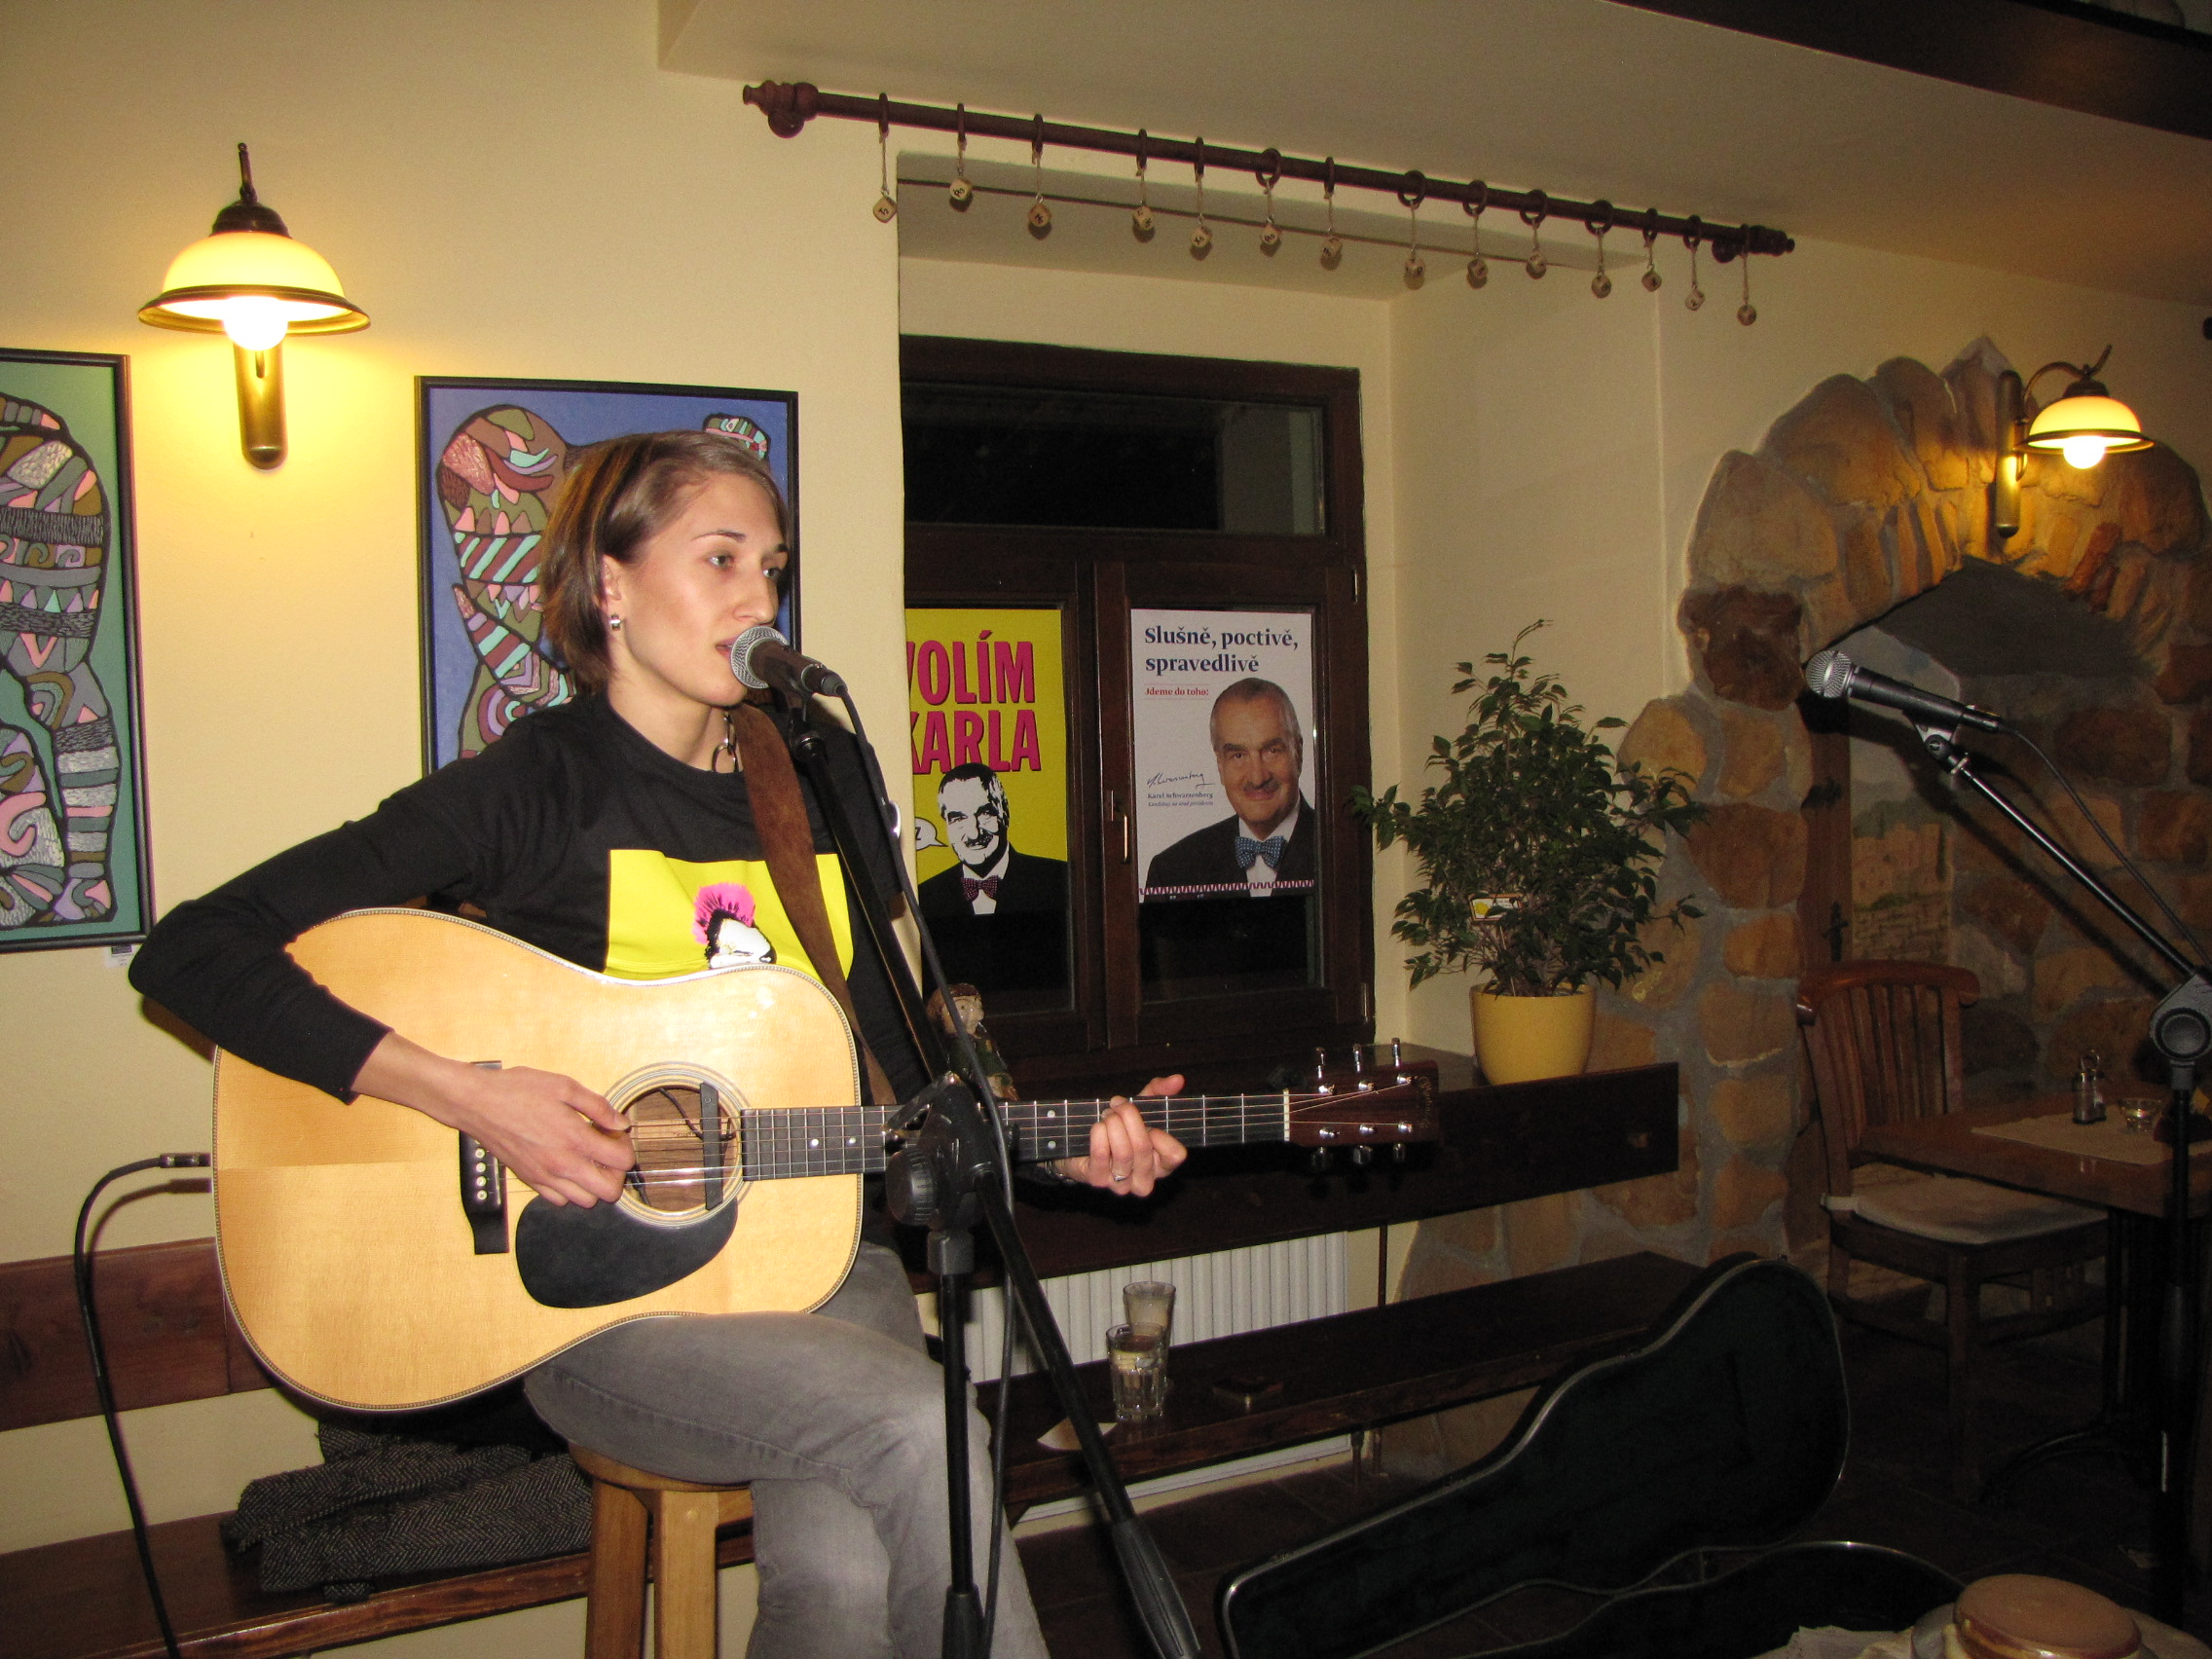 Eliška Ptáčková byla ozdobou večera věnovaného výborné muzice, milé společnosti a skvělému kandidátovi prezidentských voleb Karlovi Schwarzenbergovi.